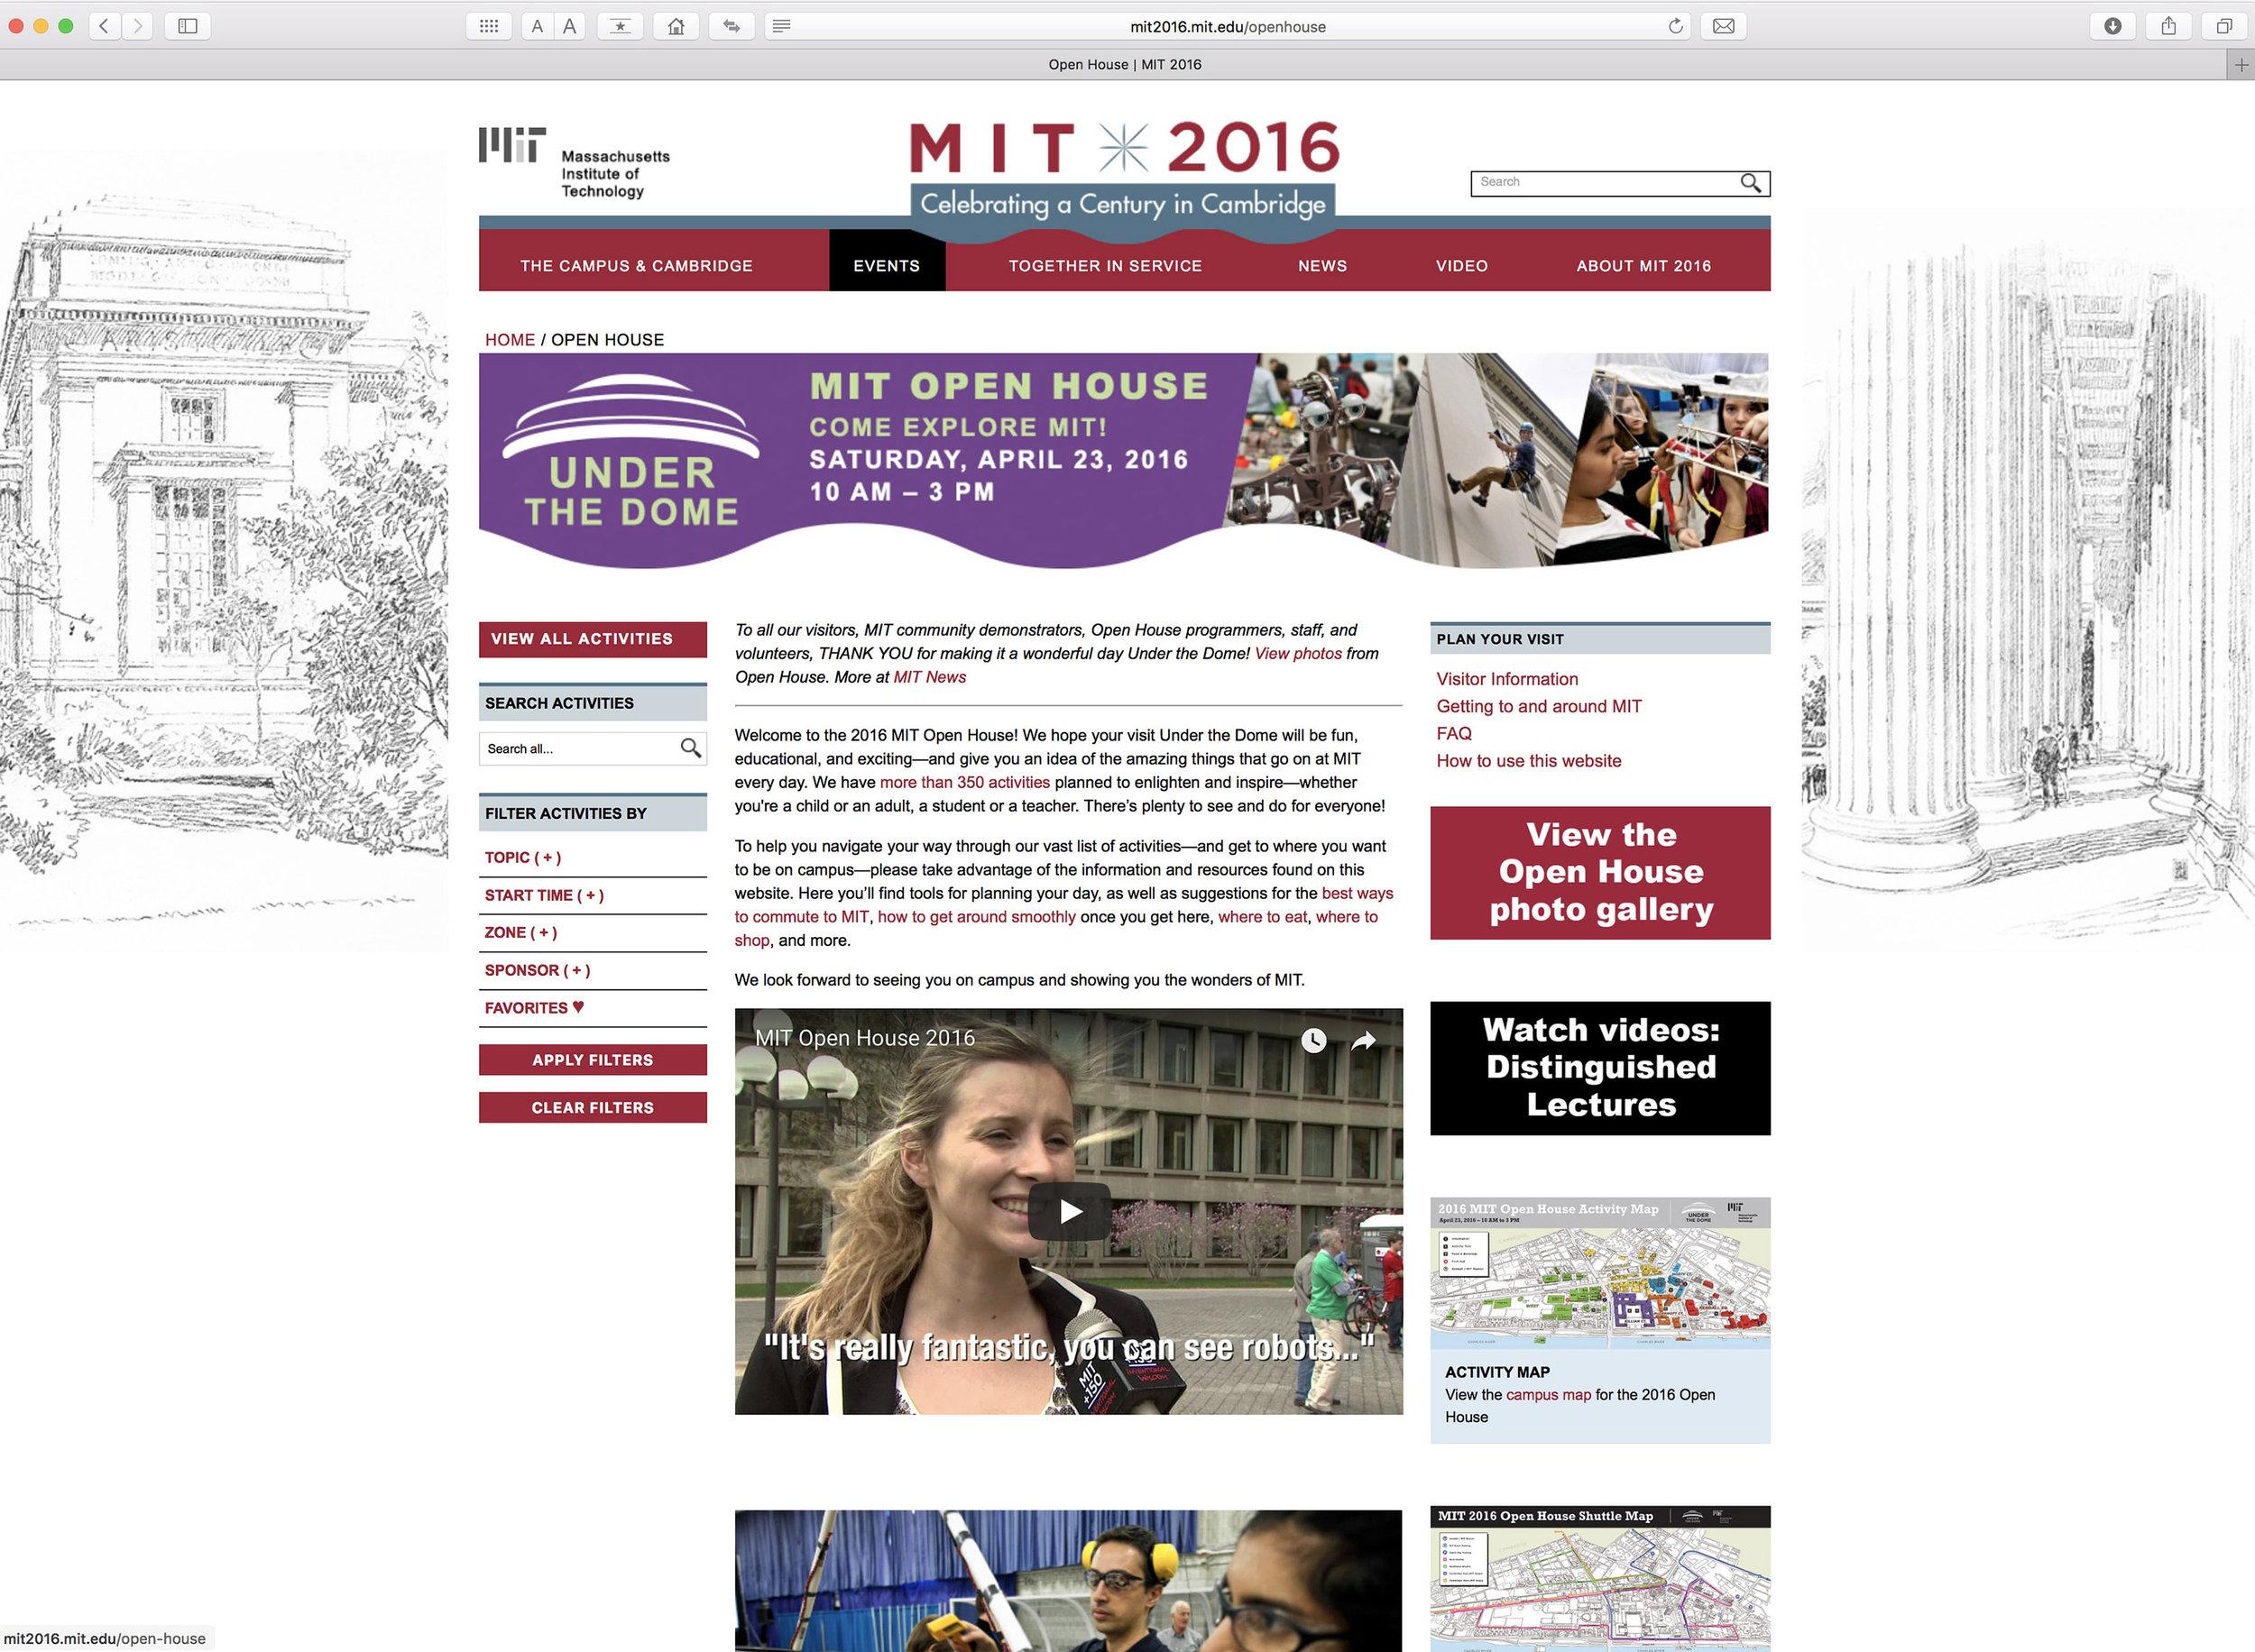 MIT 2016 website, Open House